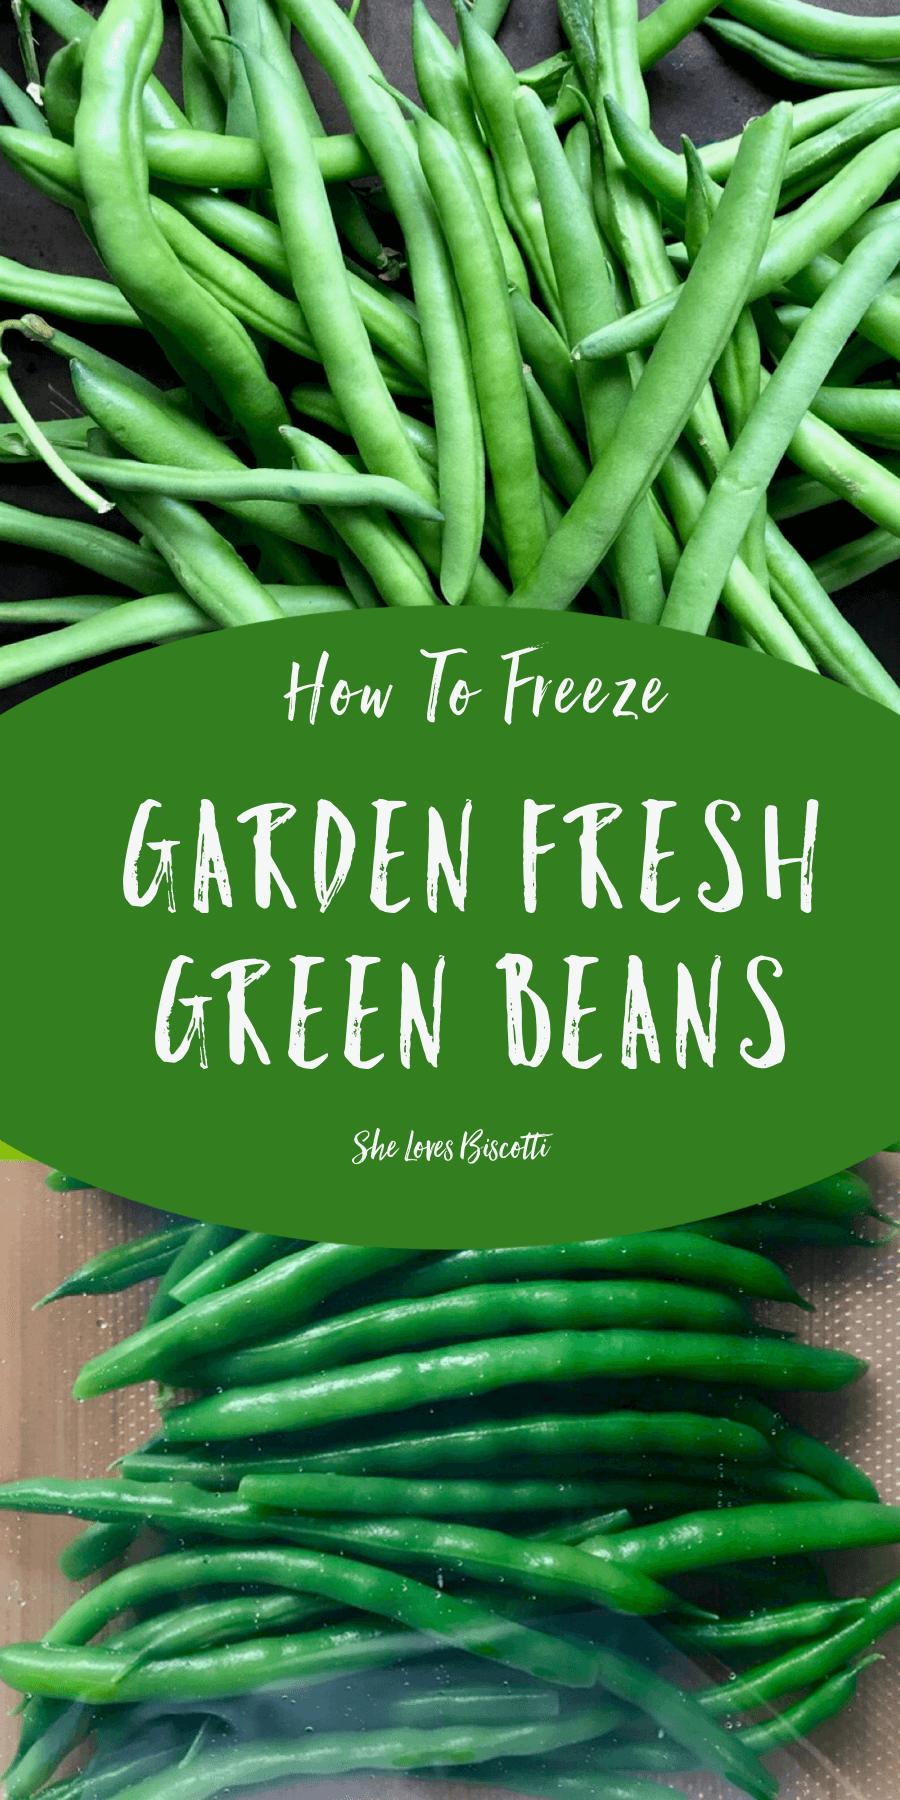 How to Freeze Garden Fresh Green Beans